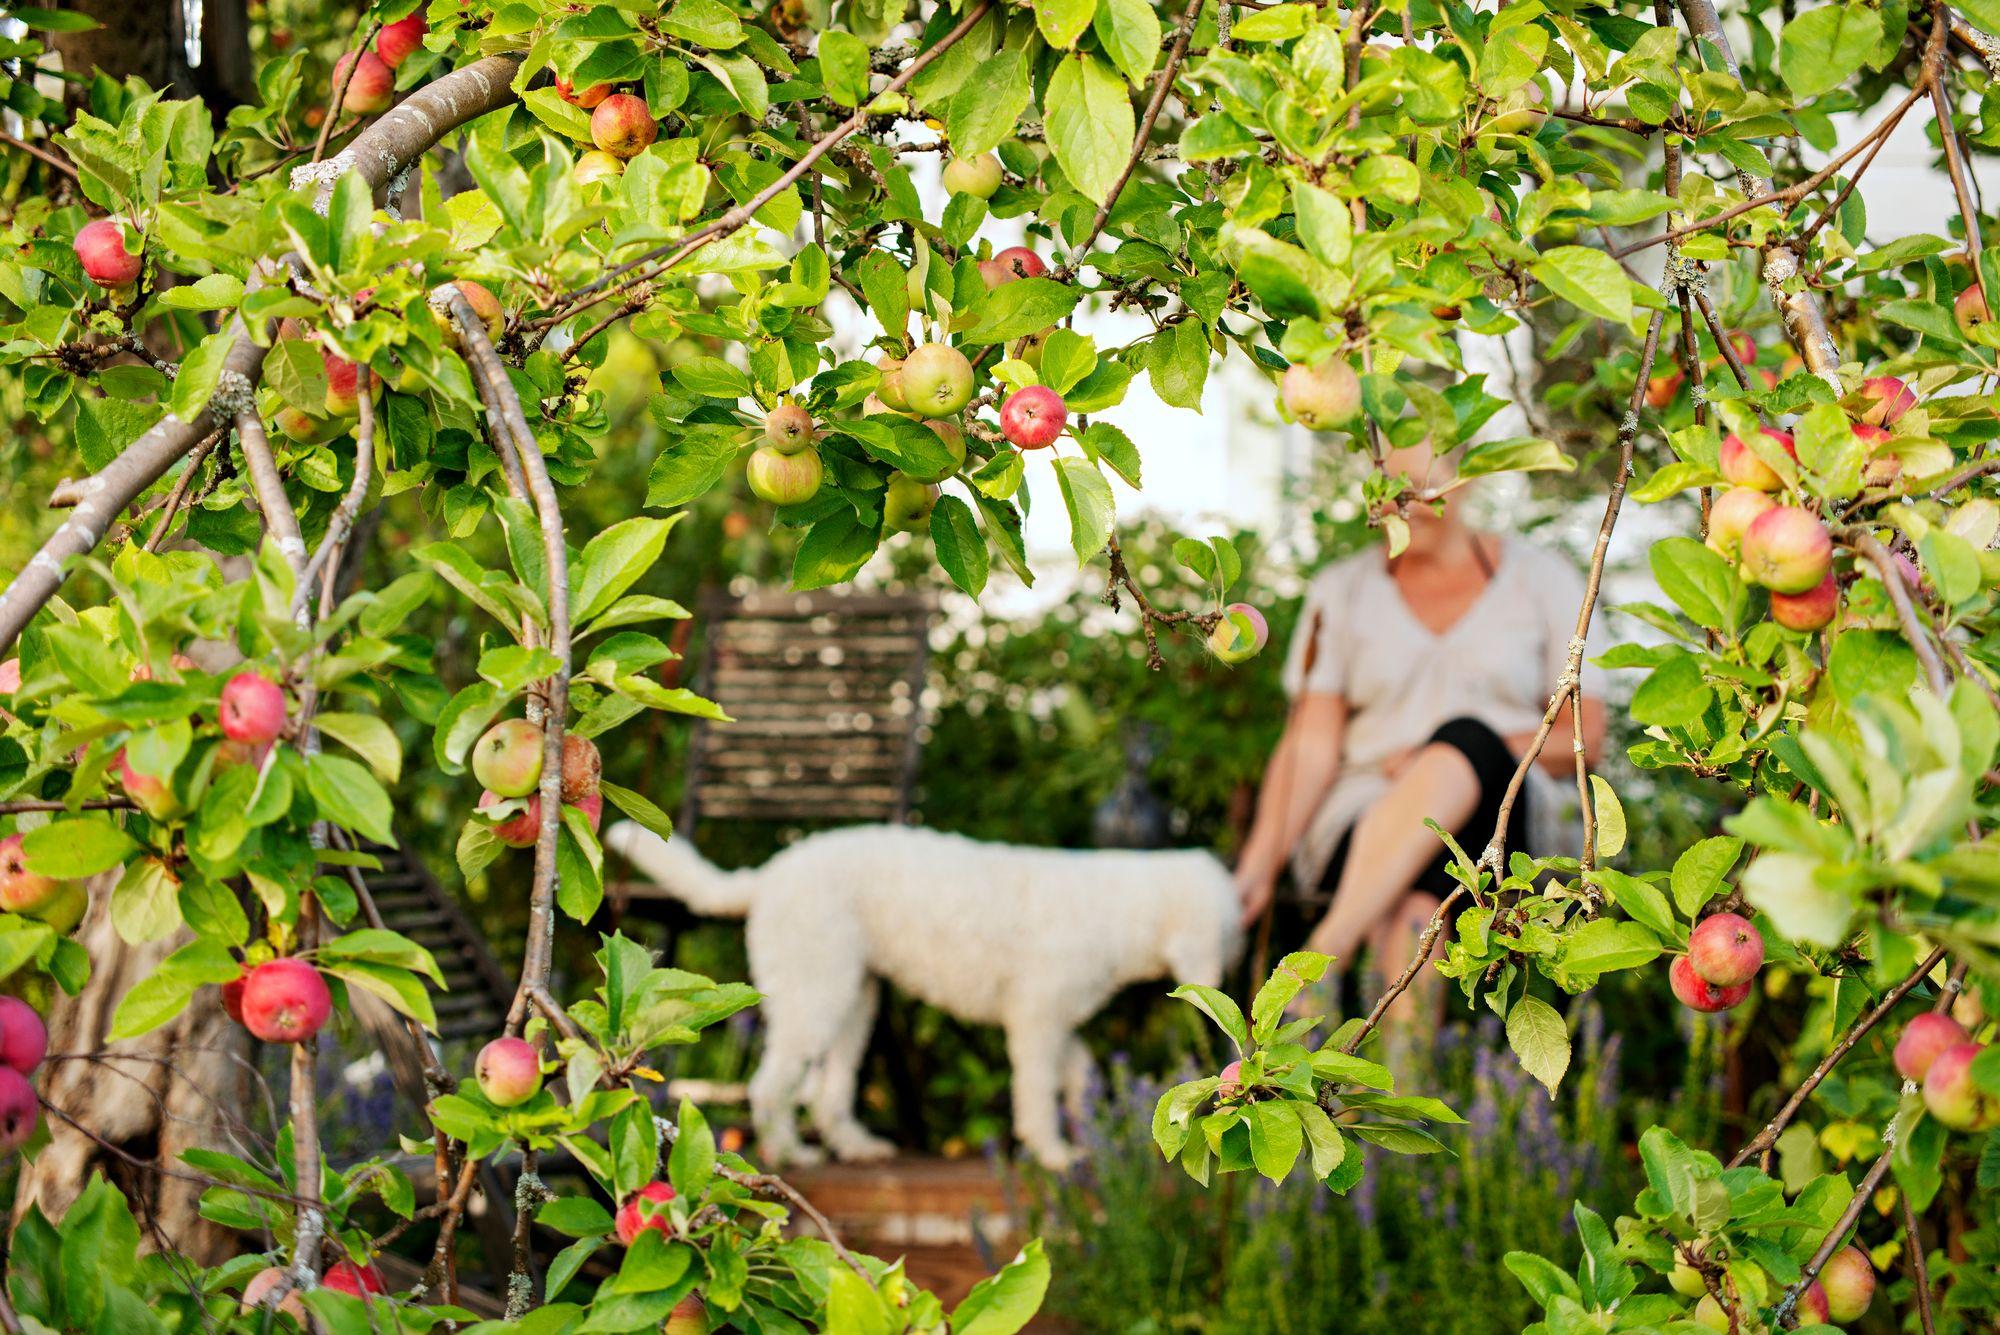 Kerttu-koira saa syödä omenoita ja marjoja niin paljon kuin lystää. © Linda Varoma